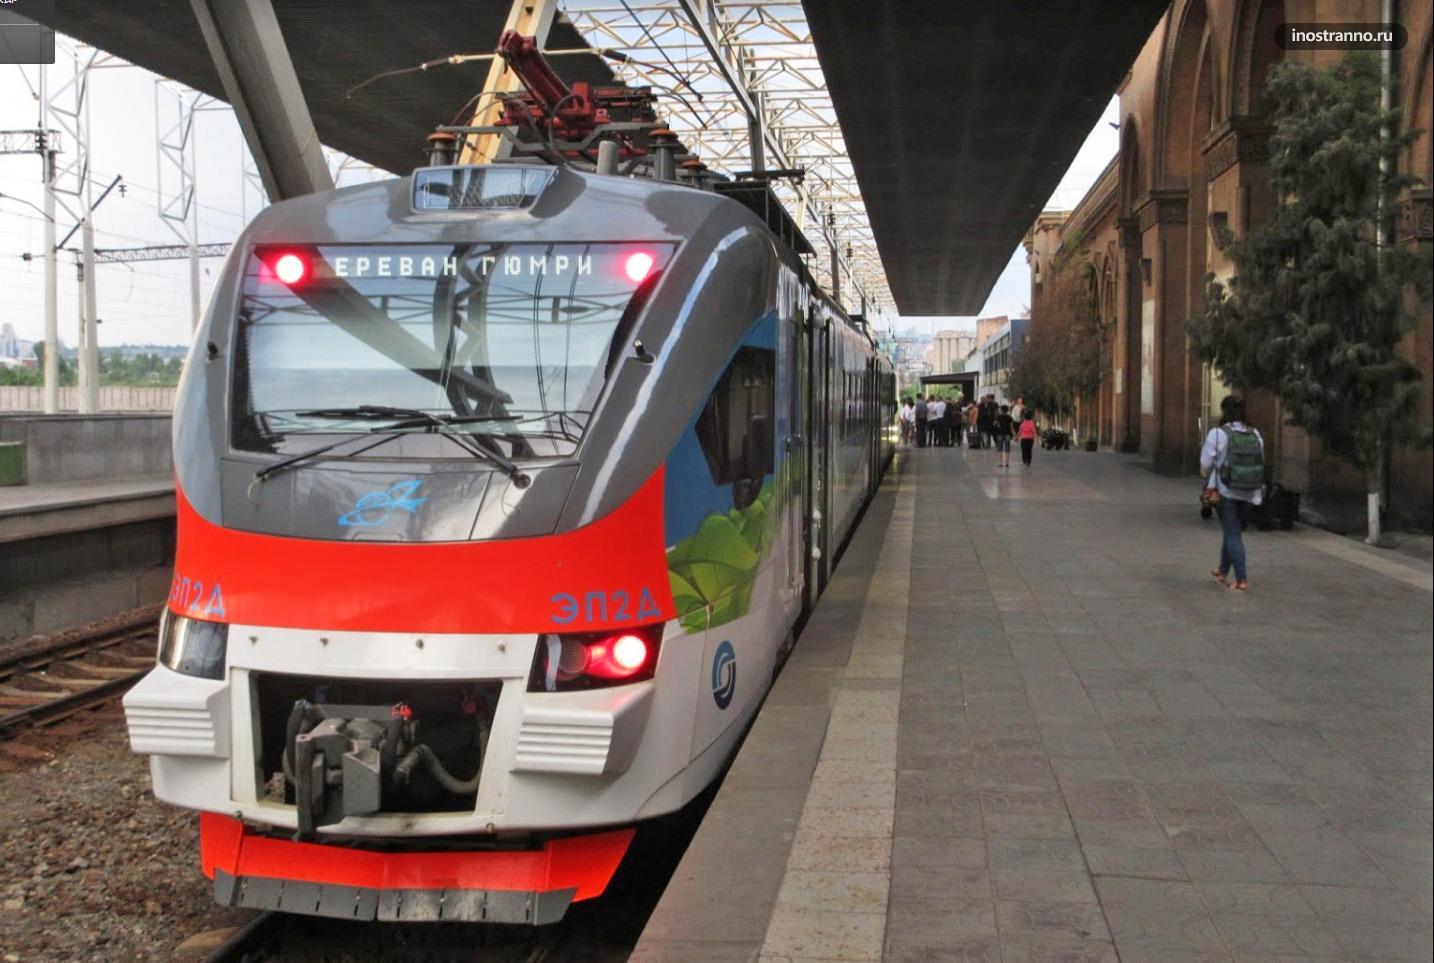 Ереван и Армения поезд